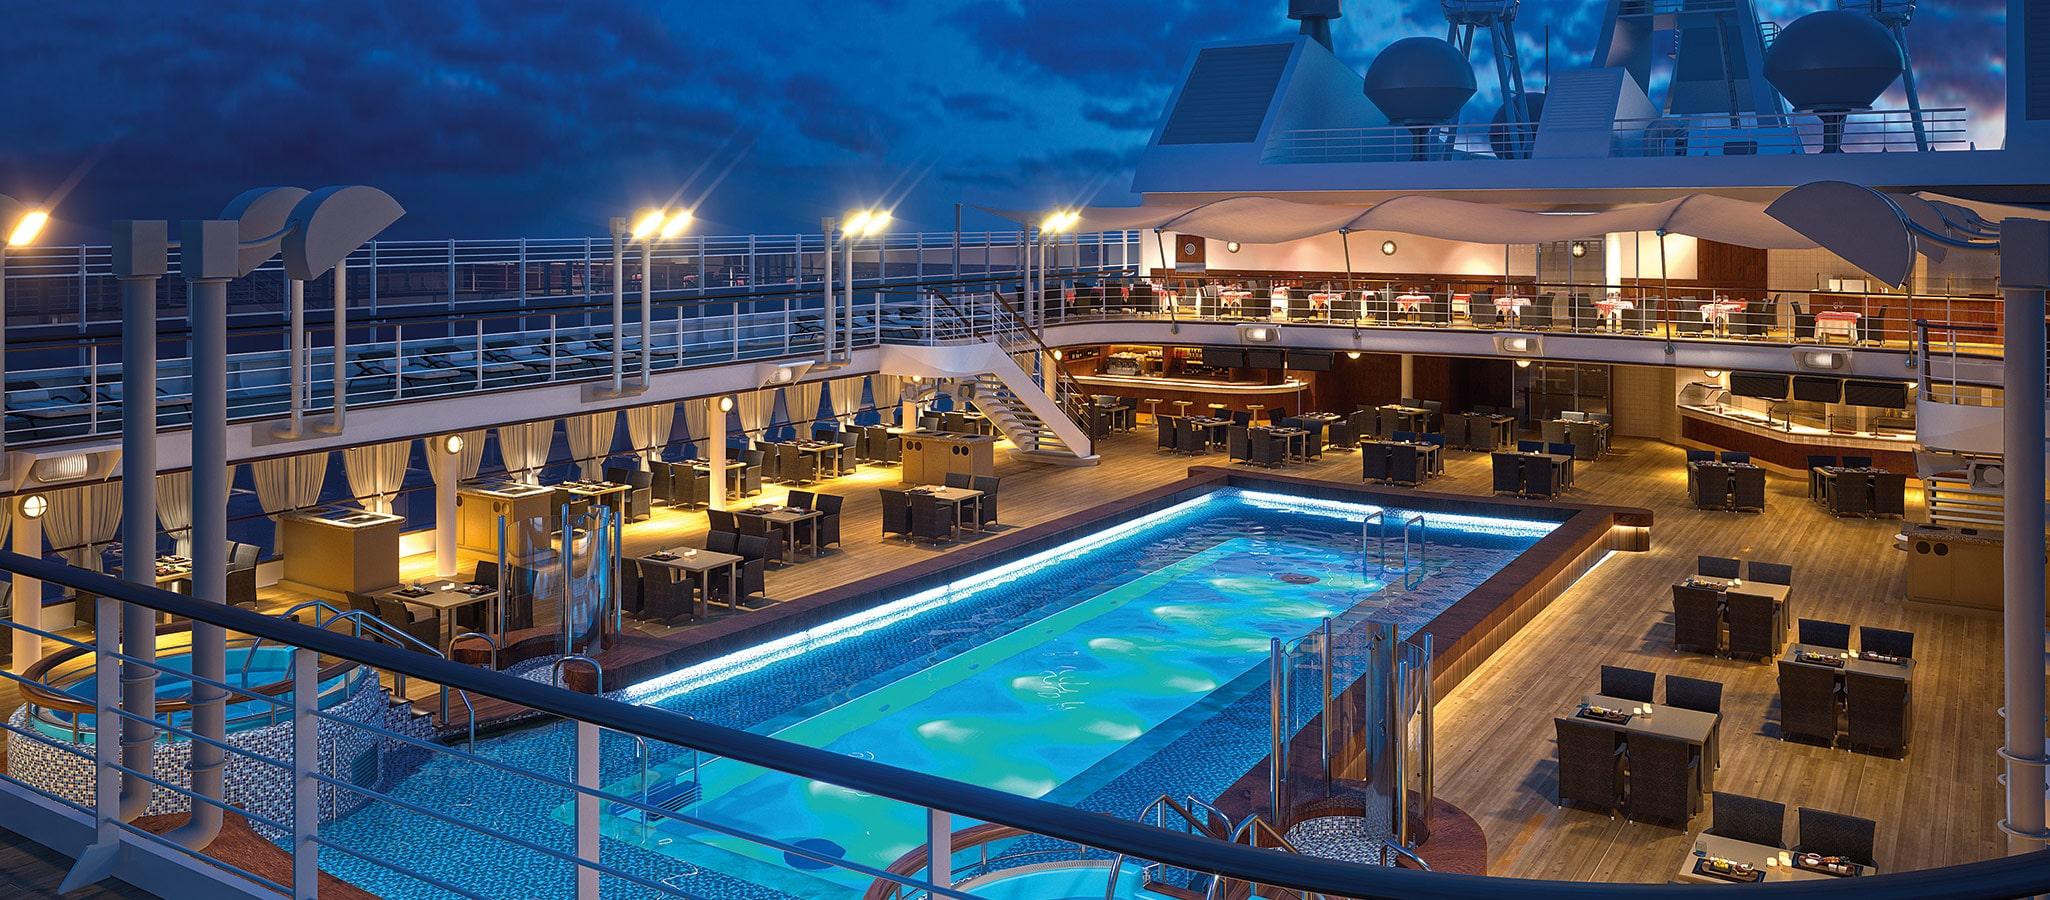 Ob Party unter den Sternen oder Dinner auf dem überbauten Pool - die weitläufigen Decks lassen sich auf jede erdenkliche Spielart in Szene setzen.